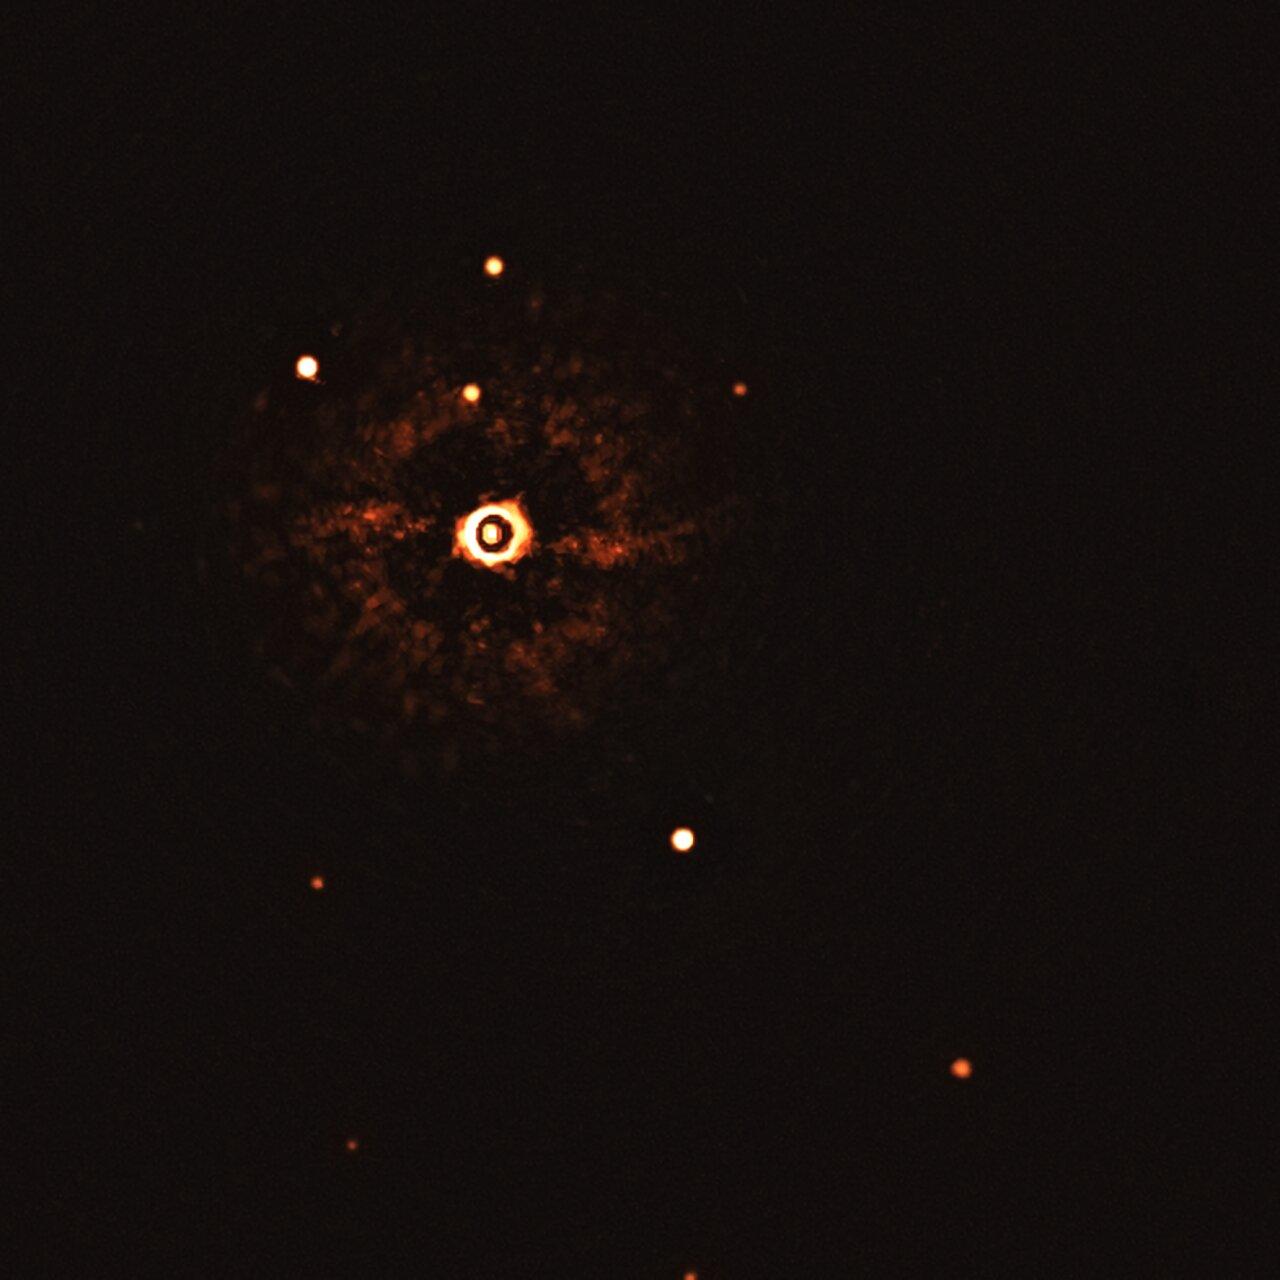 Toute première image d'un système multi-planétaire autour d'une étoile de type Soleil